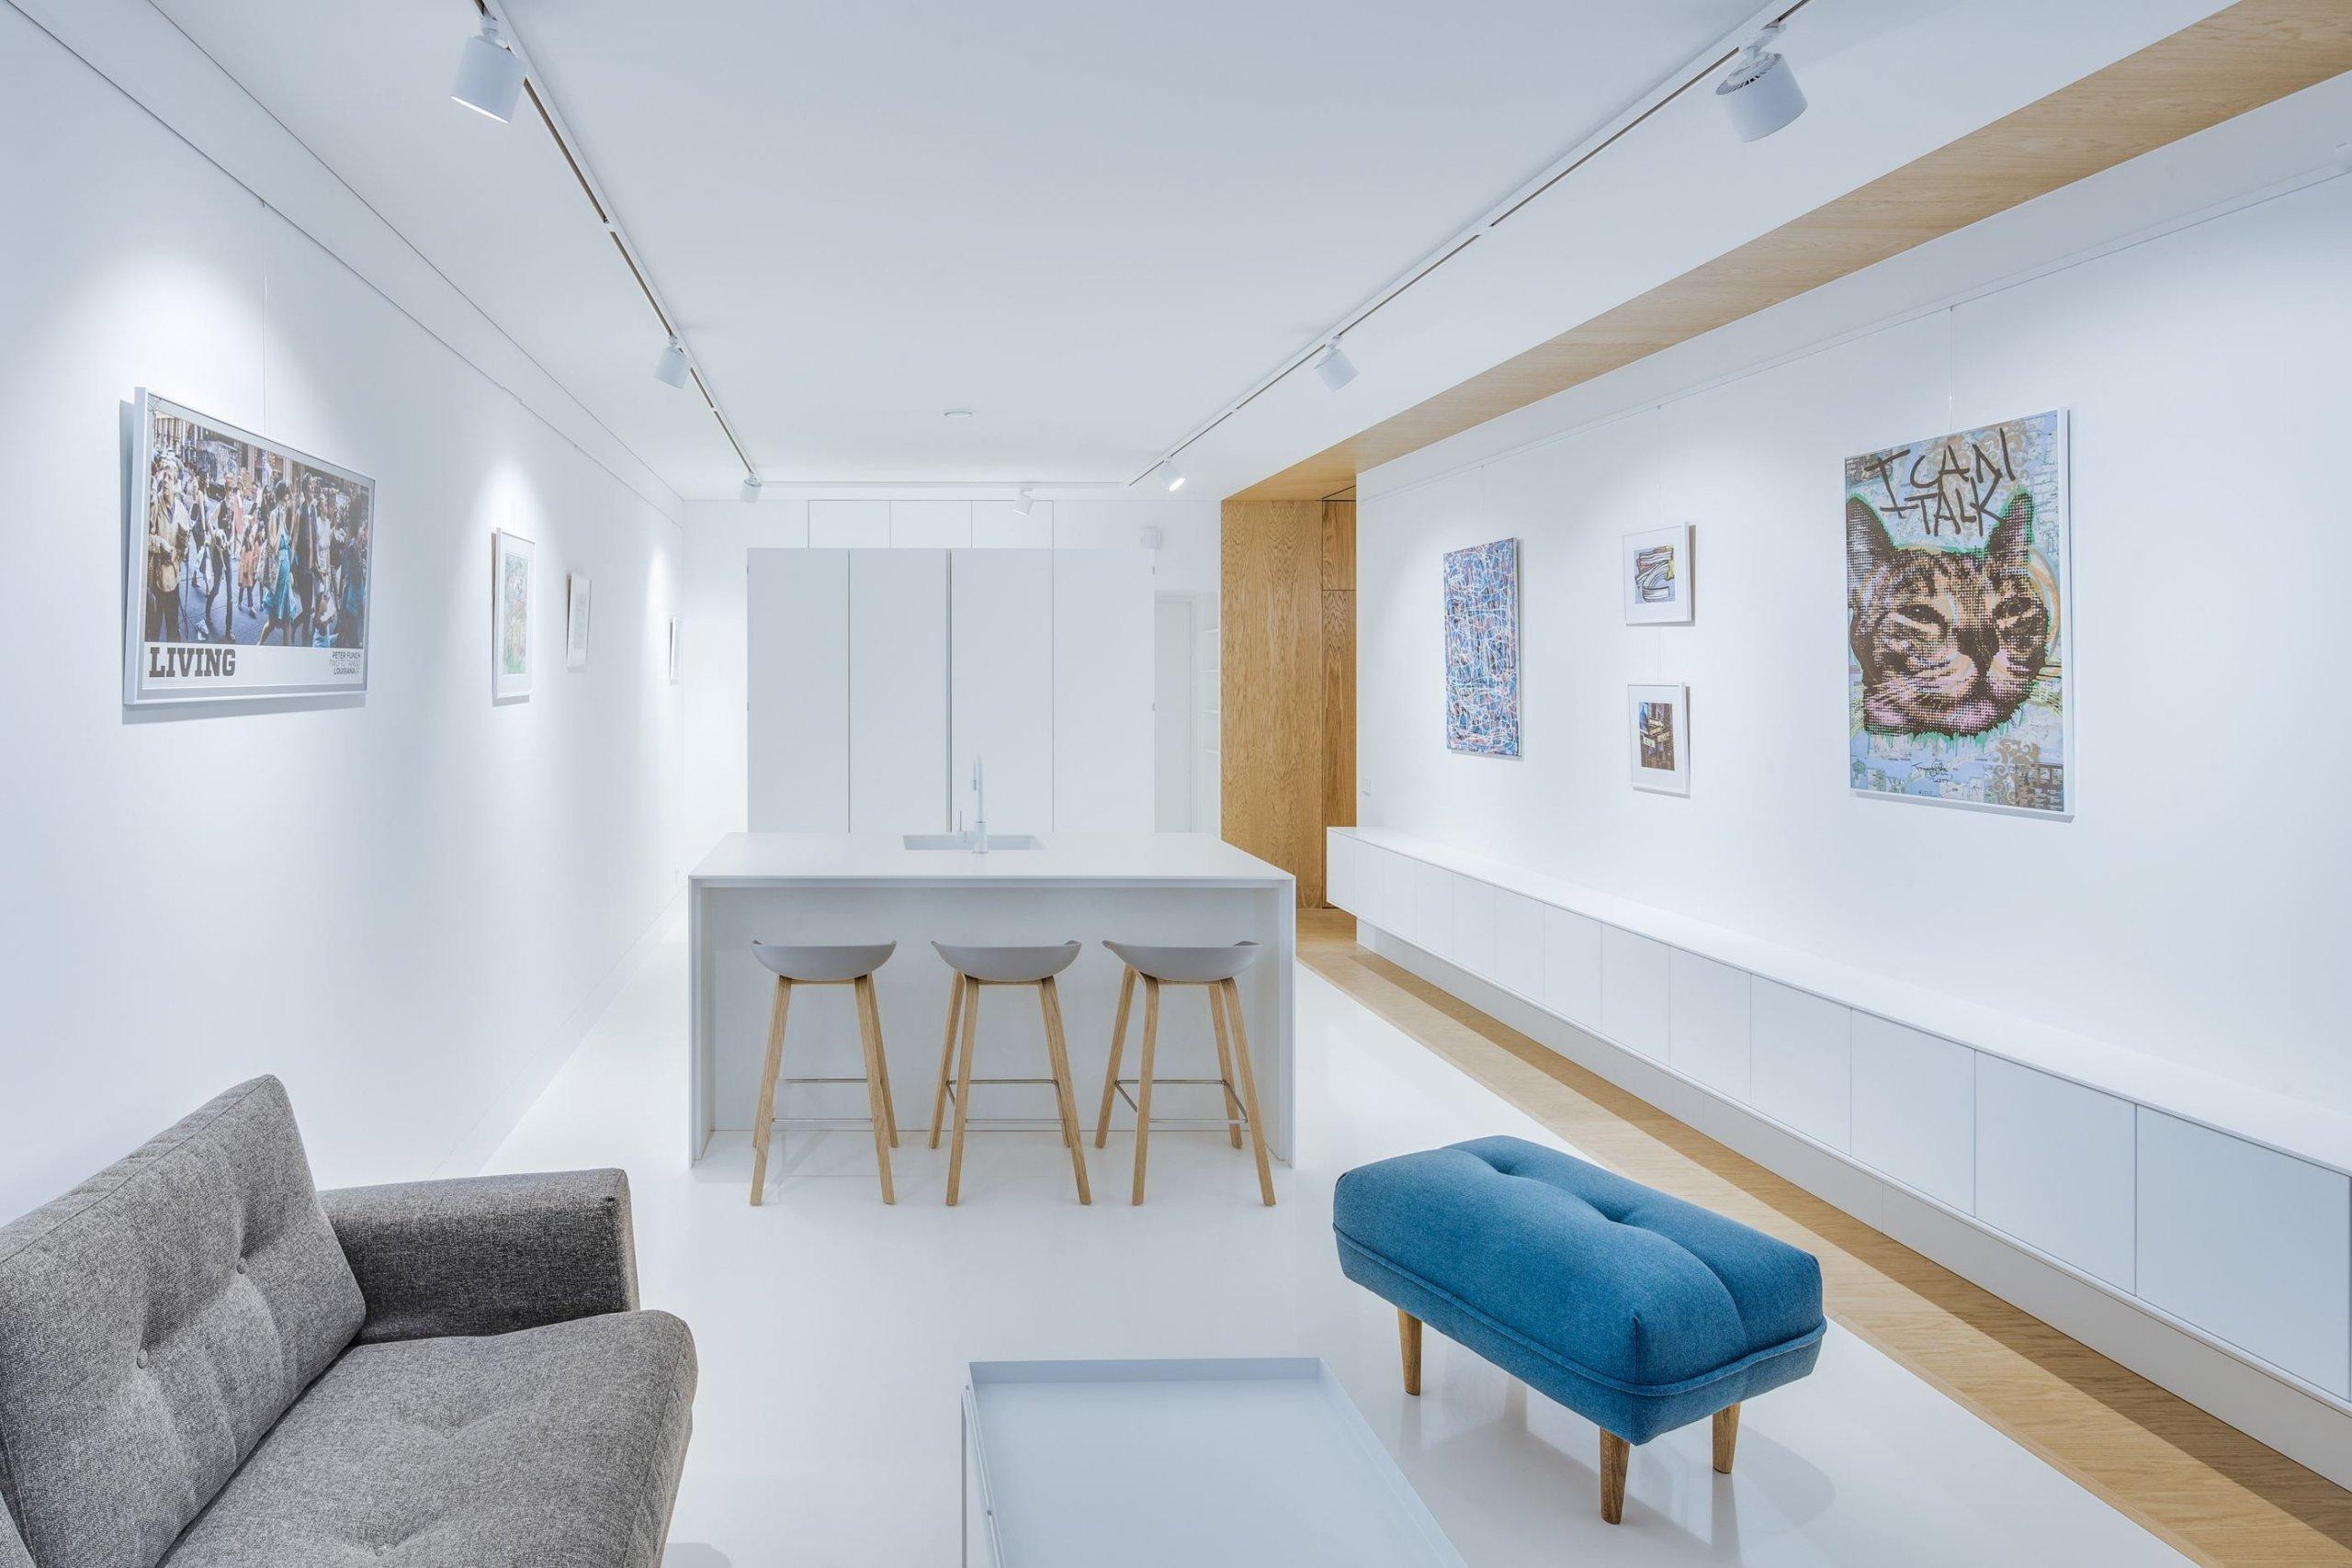 Mladý majitel litevského bytu ve Vilniusu měl jasný požadavek – chtěl takový prostor, kde by se na rozloze 50 metrů čtverečních skvěle vyjímala moderní umělecká díla z jeho bohaté sbírky.